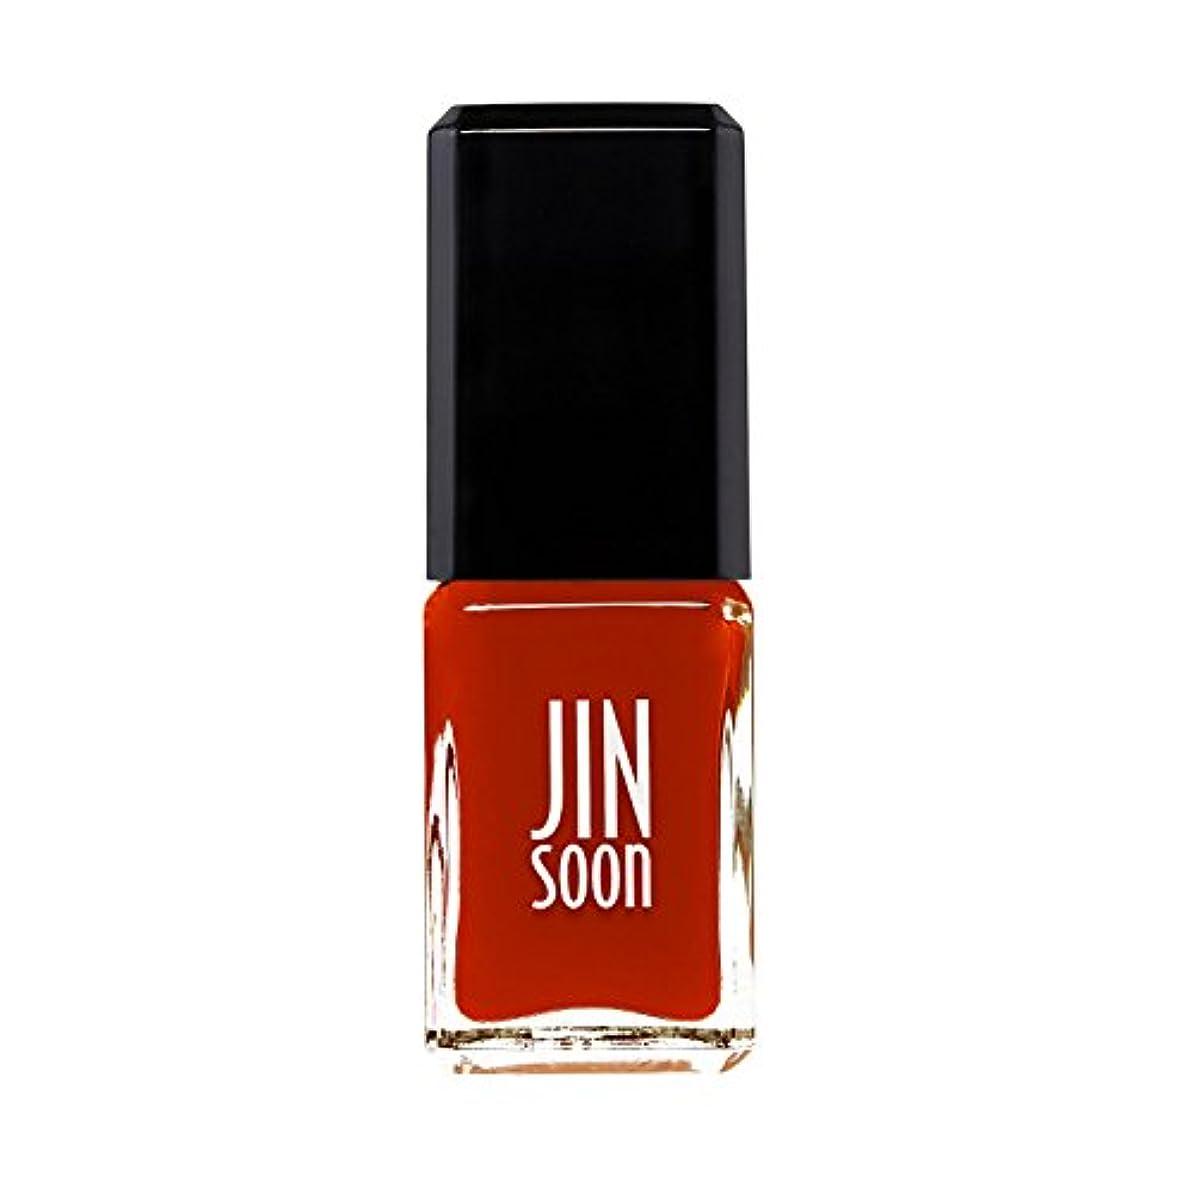 同化するうがいアンペア[ジンスーン] [ jinsoon] クラッシュ(シアーオレンジ) CRUSH ジンスーン 5フリー ネイル ポリッシュ ネイルカラー系統:オレンジ 11mL